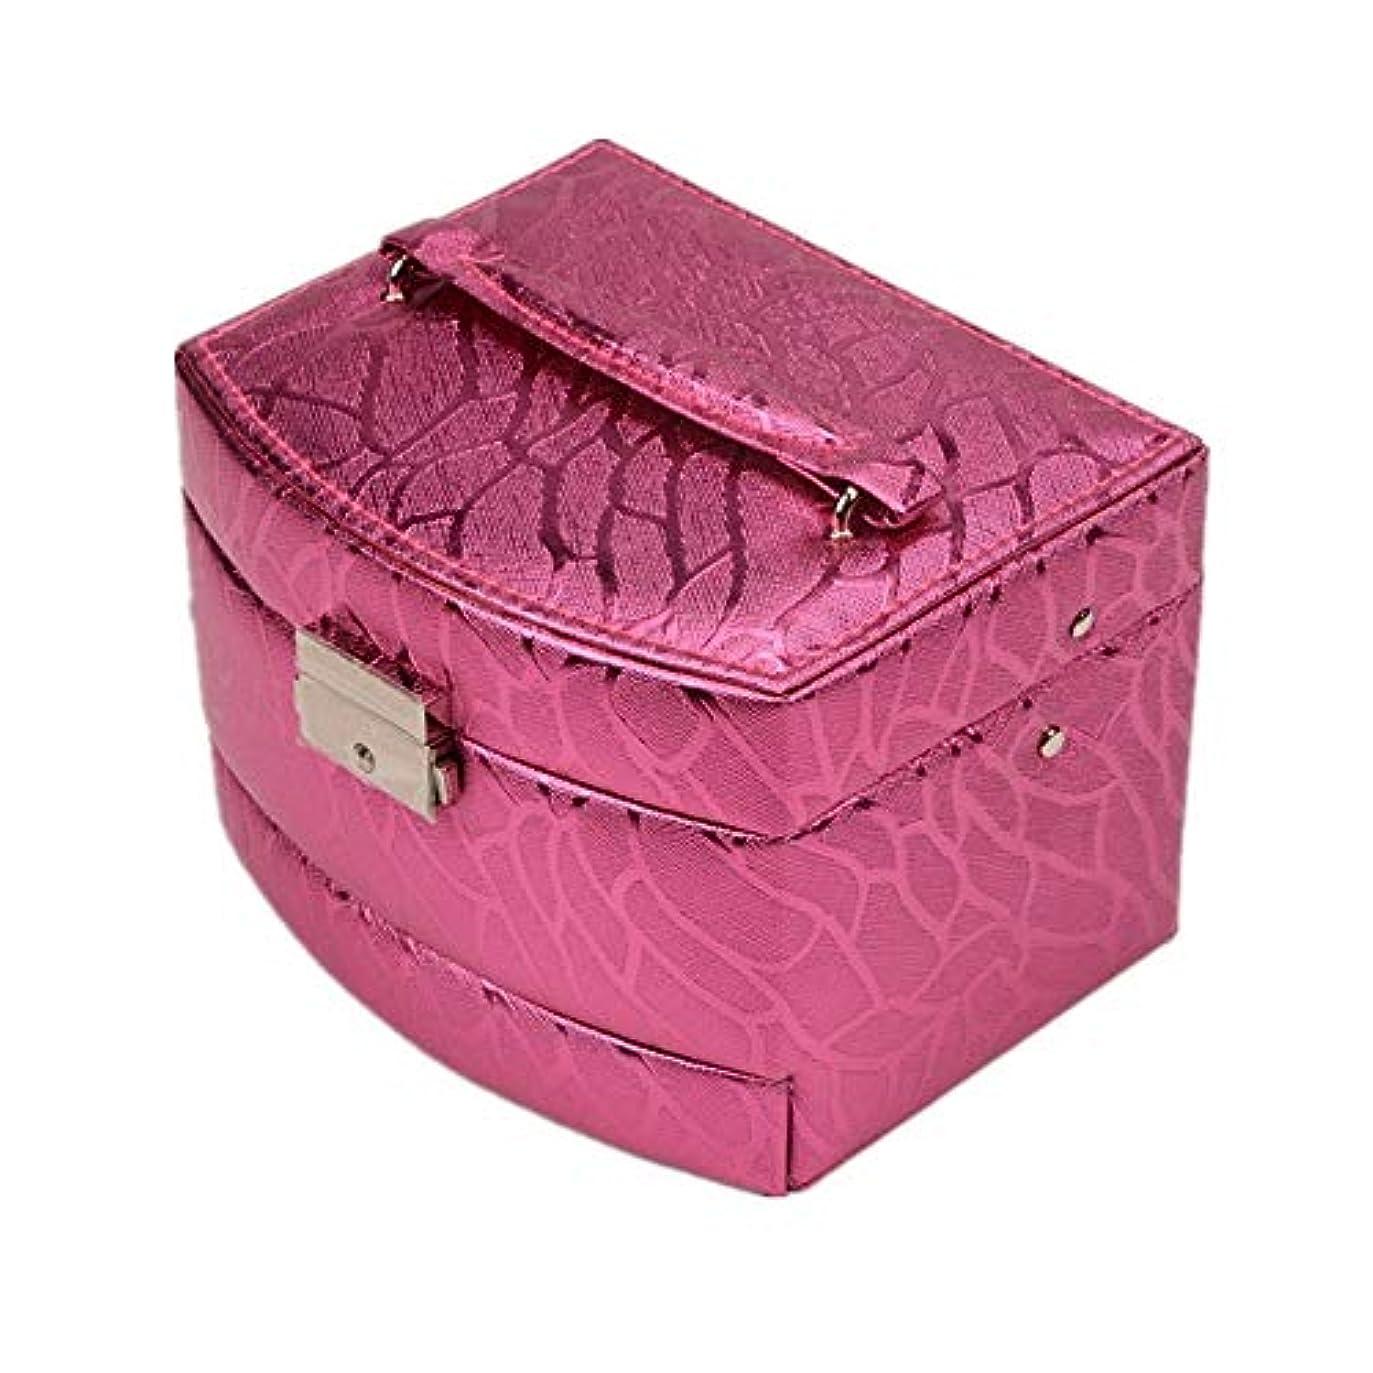 クッションインシデント証言する化粧オーガナイザーバッグ 光沢のあるポータブル多層化粧品美容メイクアップ化粧ケースロックと化粧品ミラー 化粧品ケース